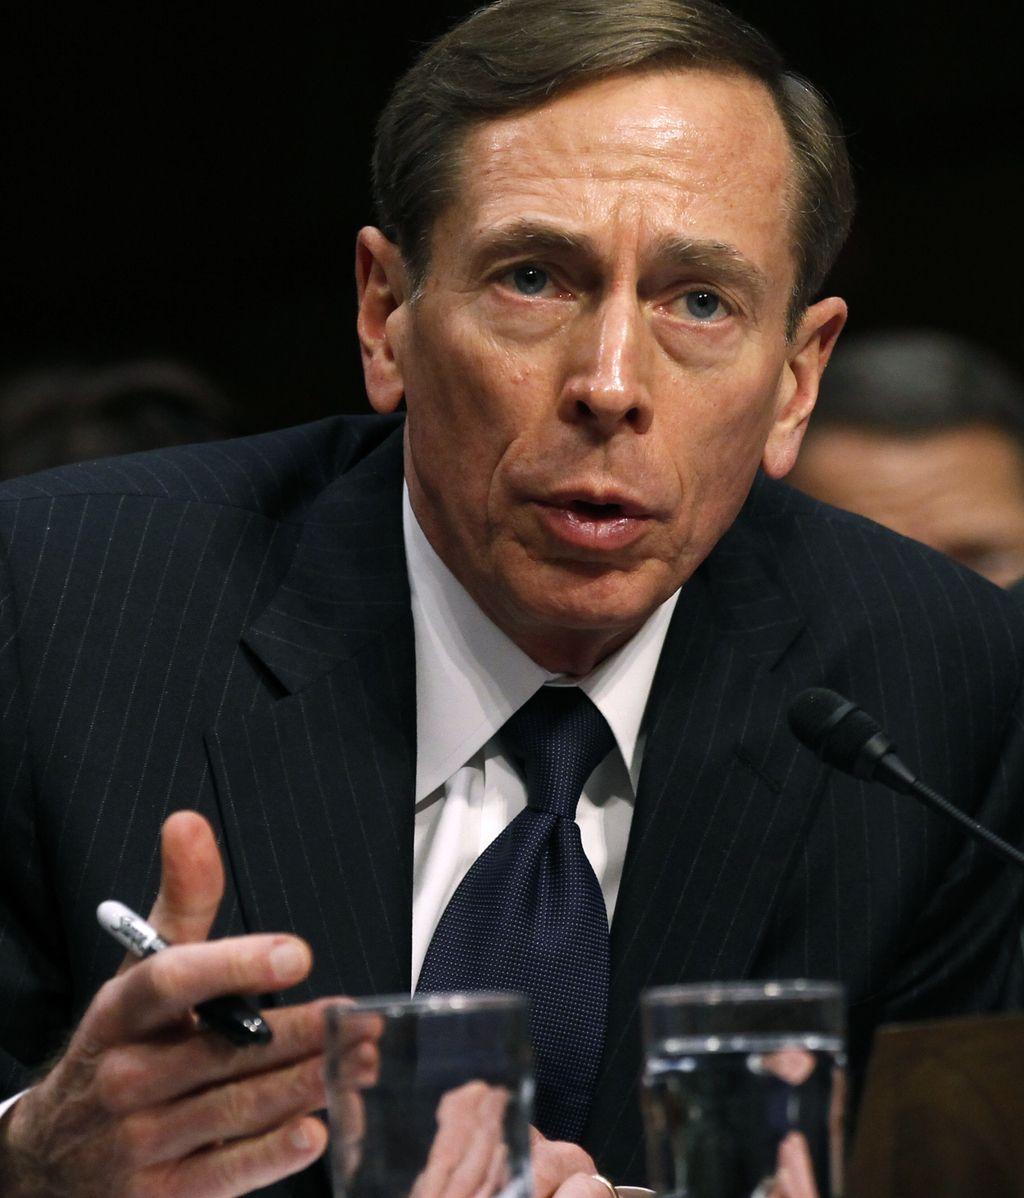 """Una investigación del correo de Petraeus a cargo del FBI destapó la relación """"extramatrimonial"""" con su biógrafa"""